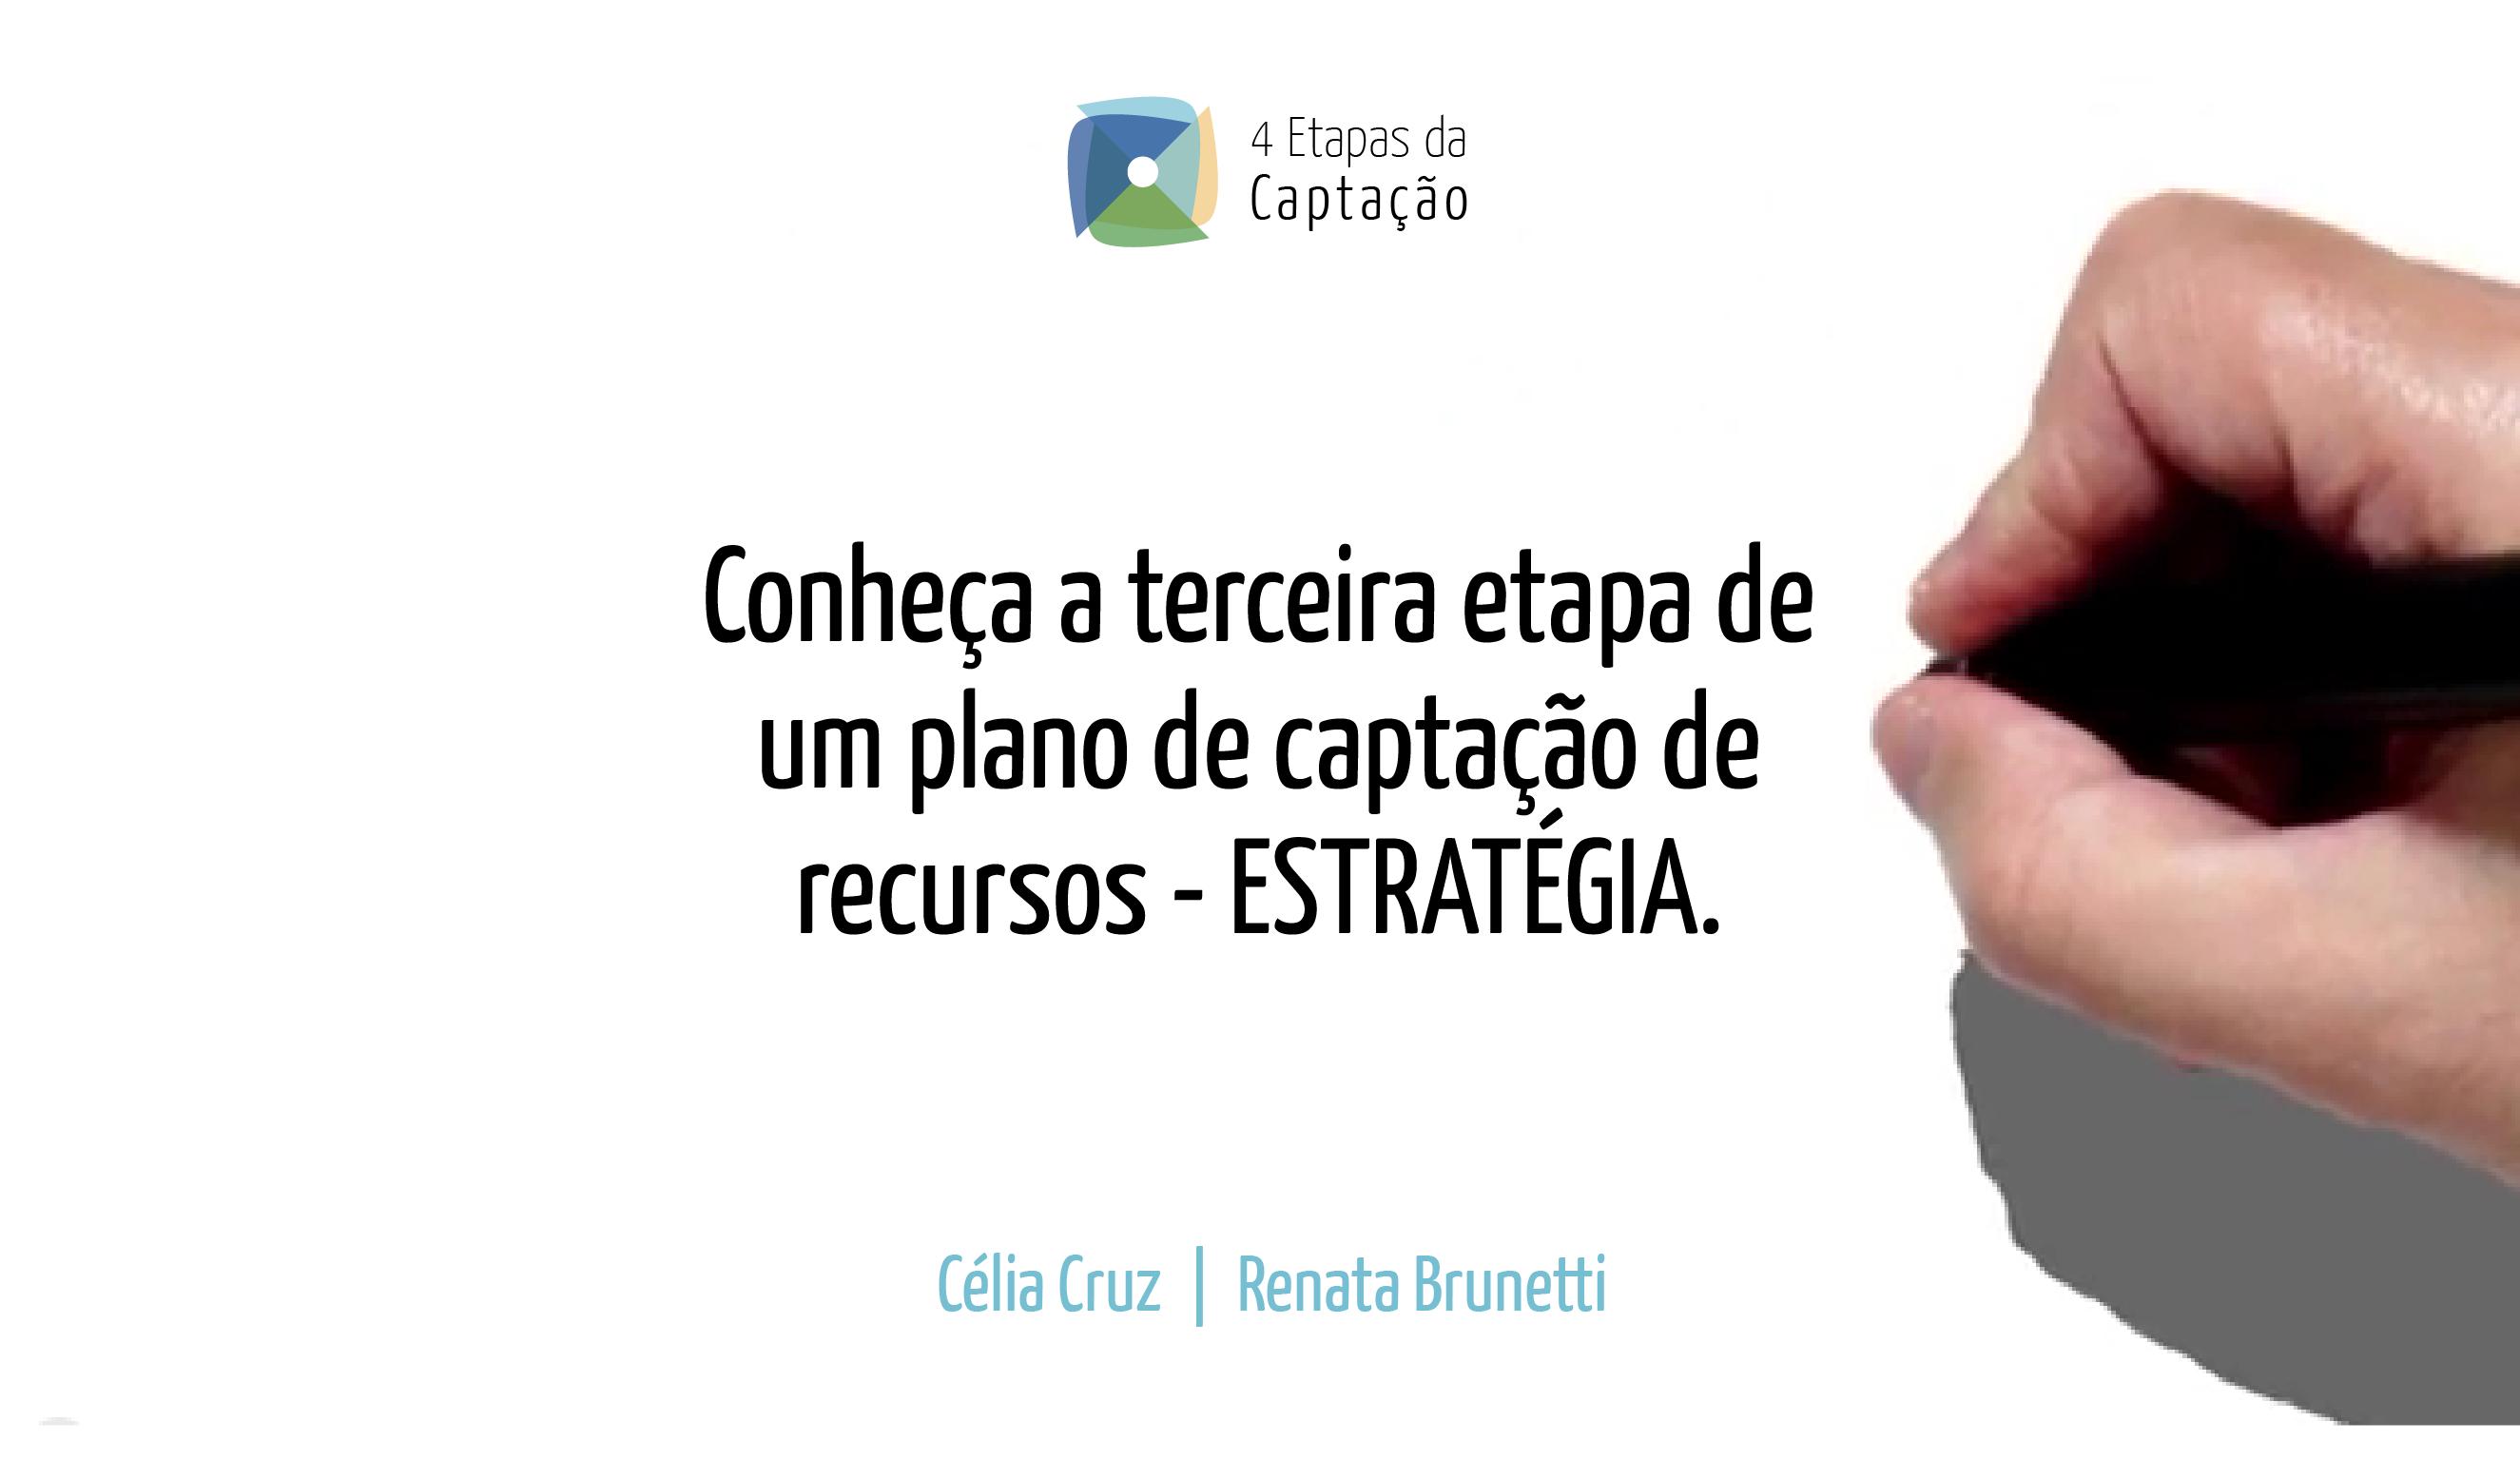 Conheca a terceira etapa de um plano de captacao de recursos - ESTRATEGIA